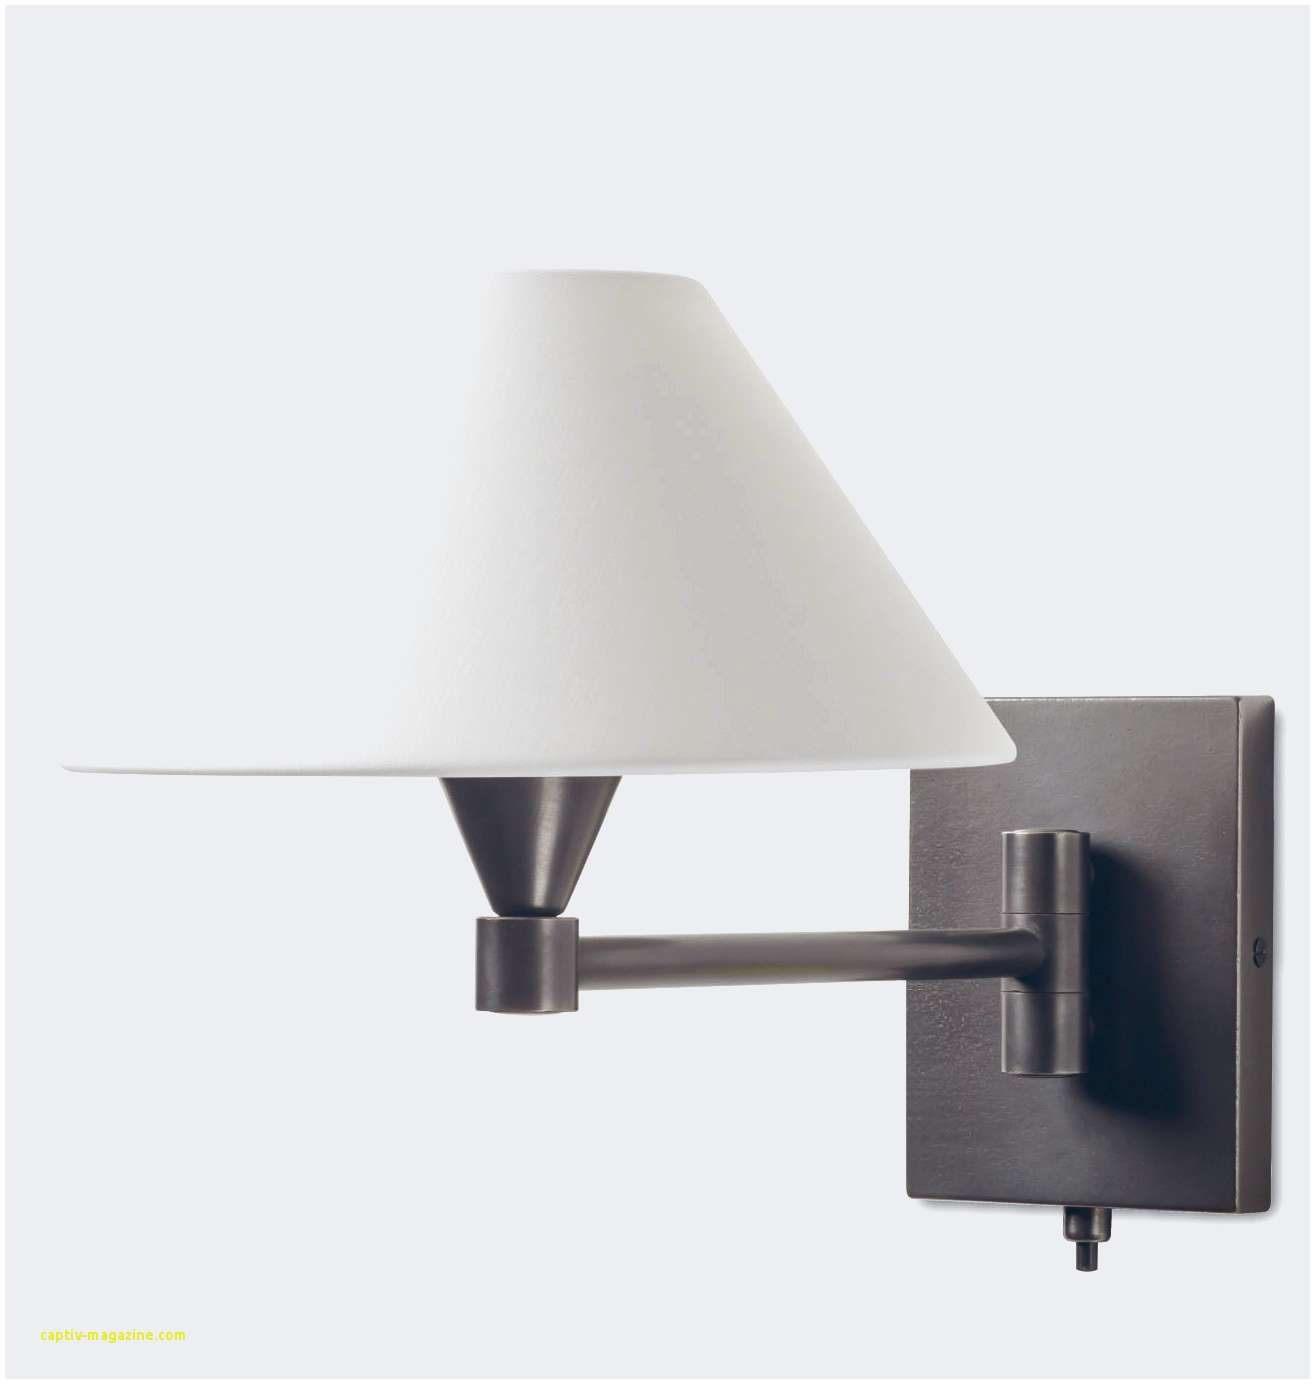 Tete De Lit Tendance Magnifique Impressionnant Grande Lampe Sur Pied Haut Lustre Tendance 0d